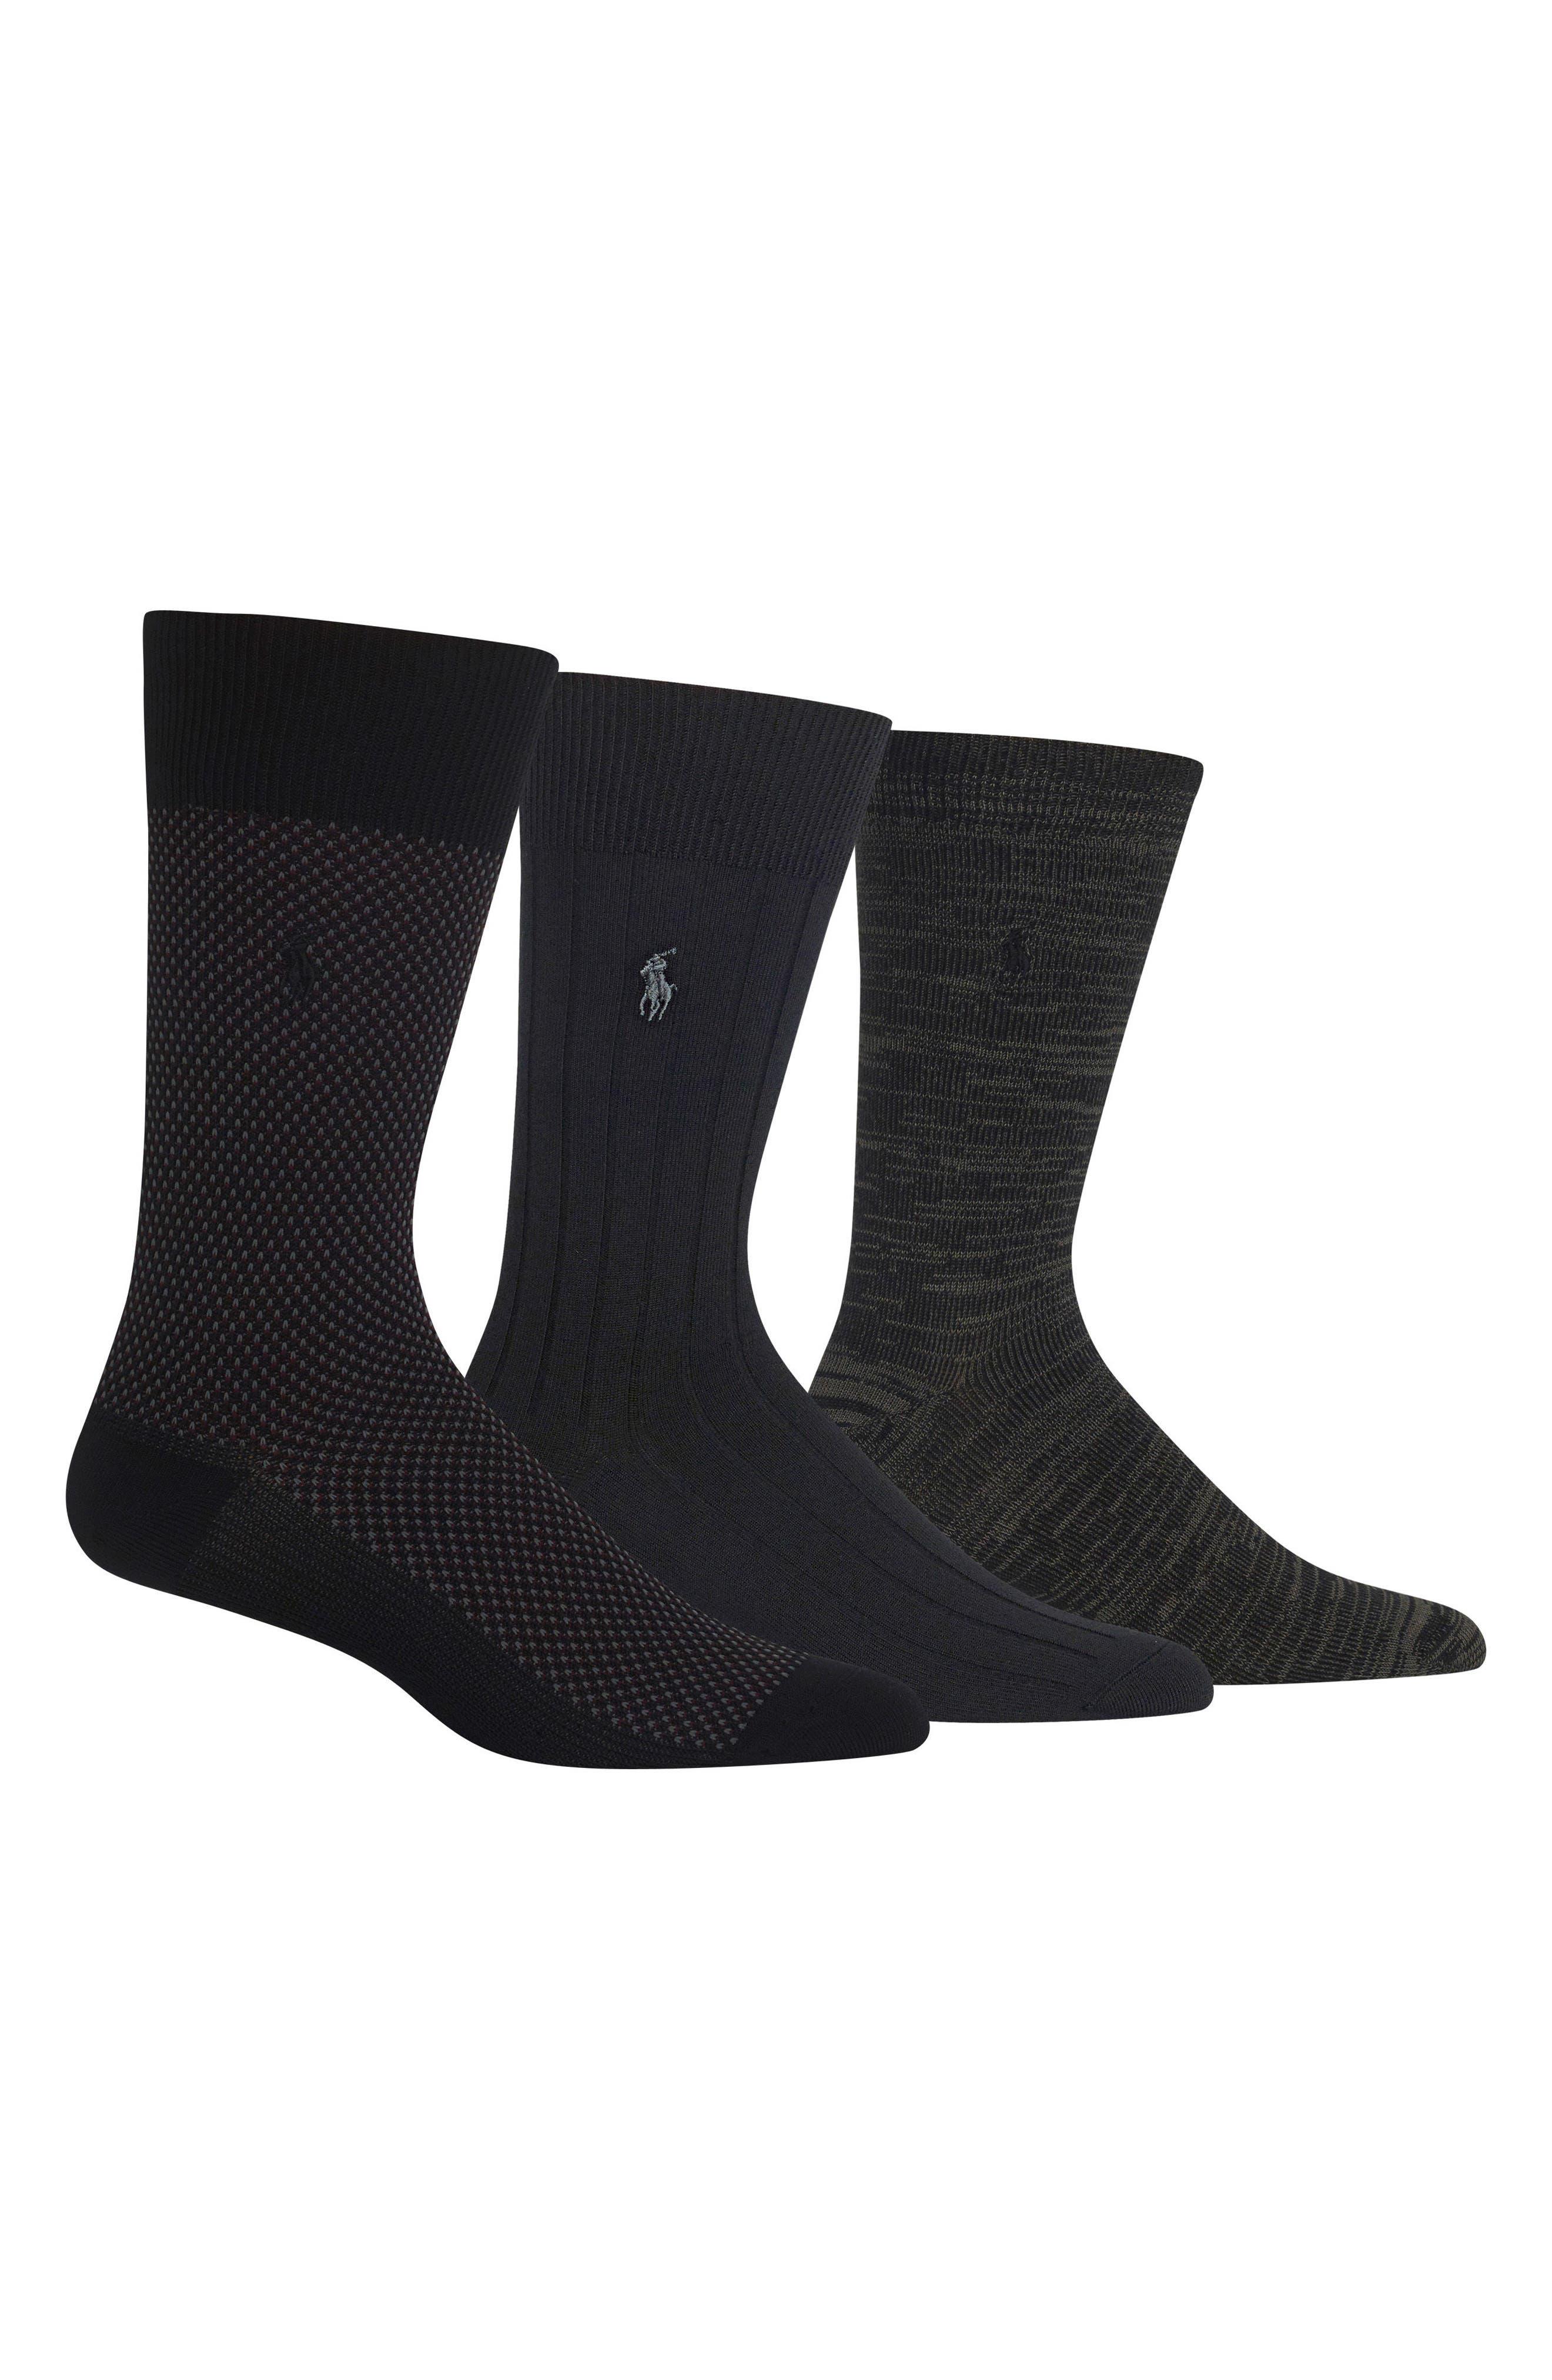 POLO RALPH LAUREN, Assorted 3-Pack Bird's Eye Socks, Main thumbnail 1, color, BLACK